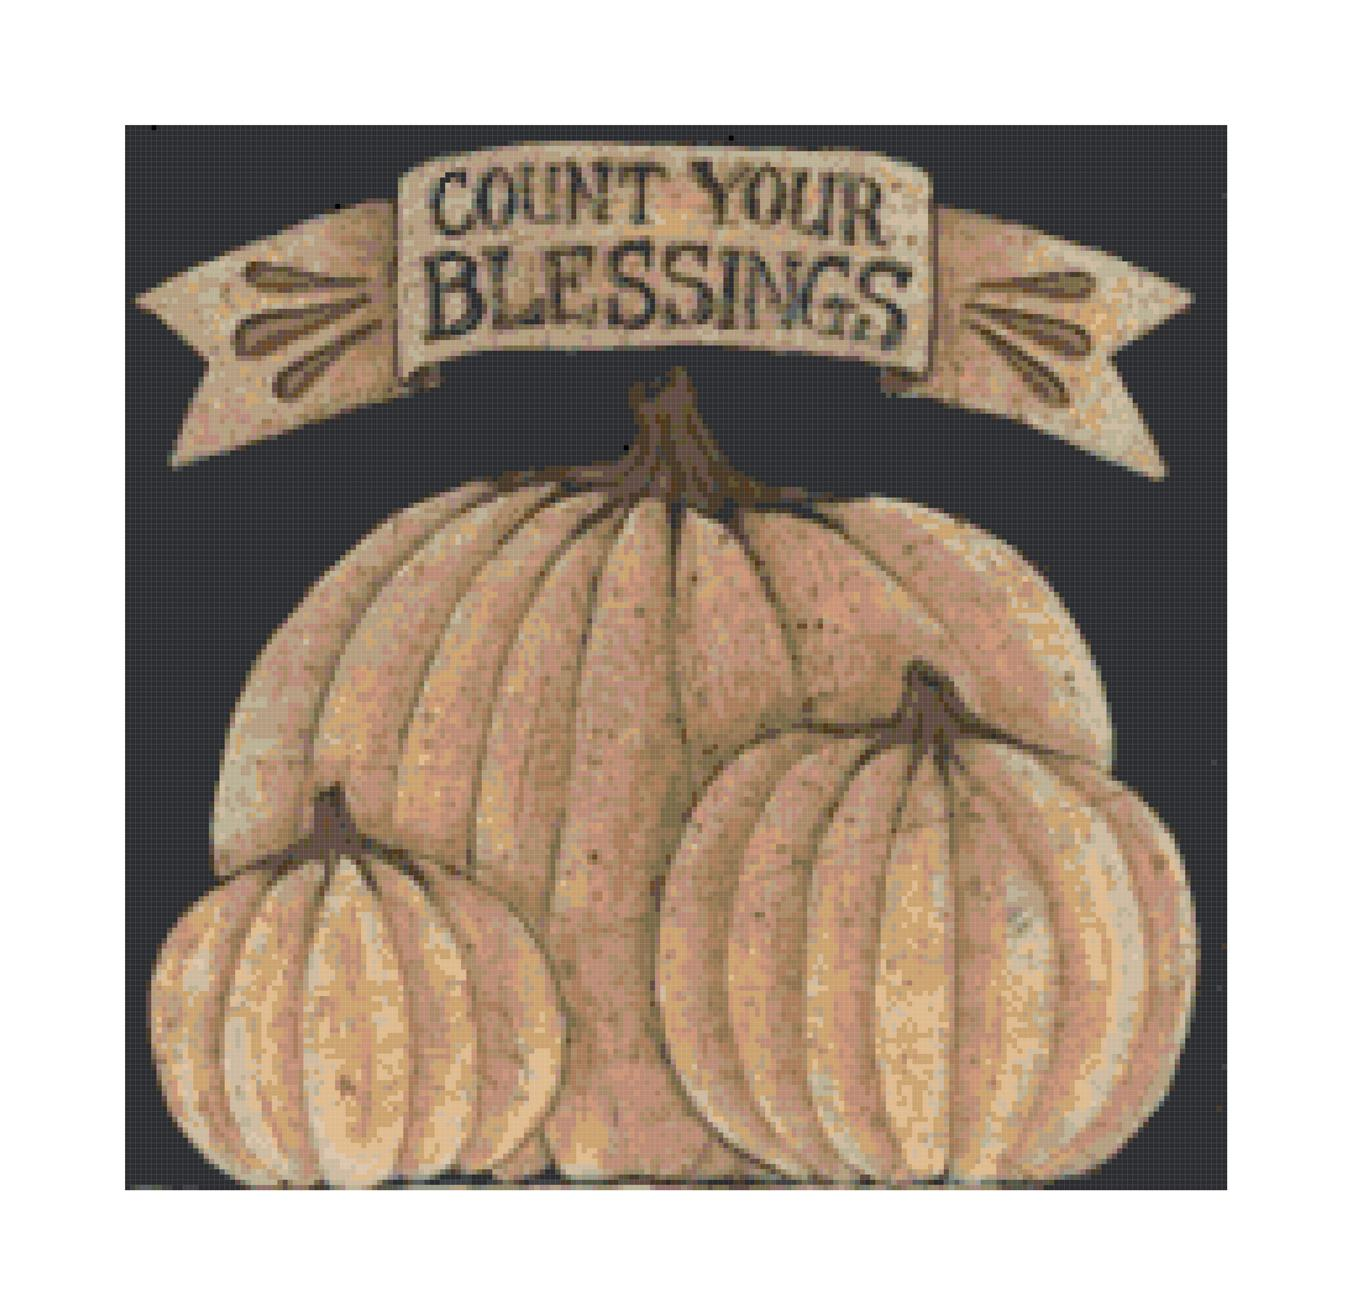 rsz_blessings_harvest